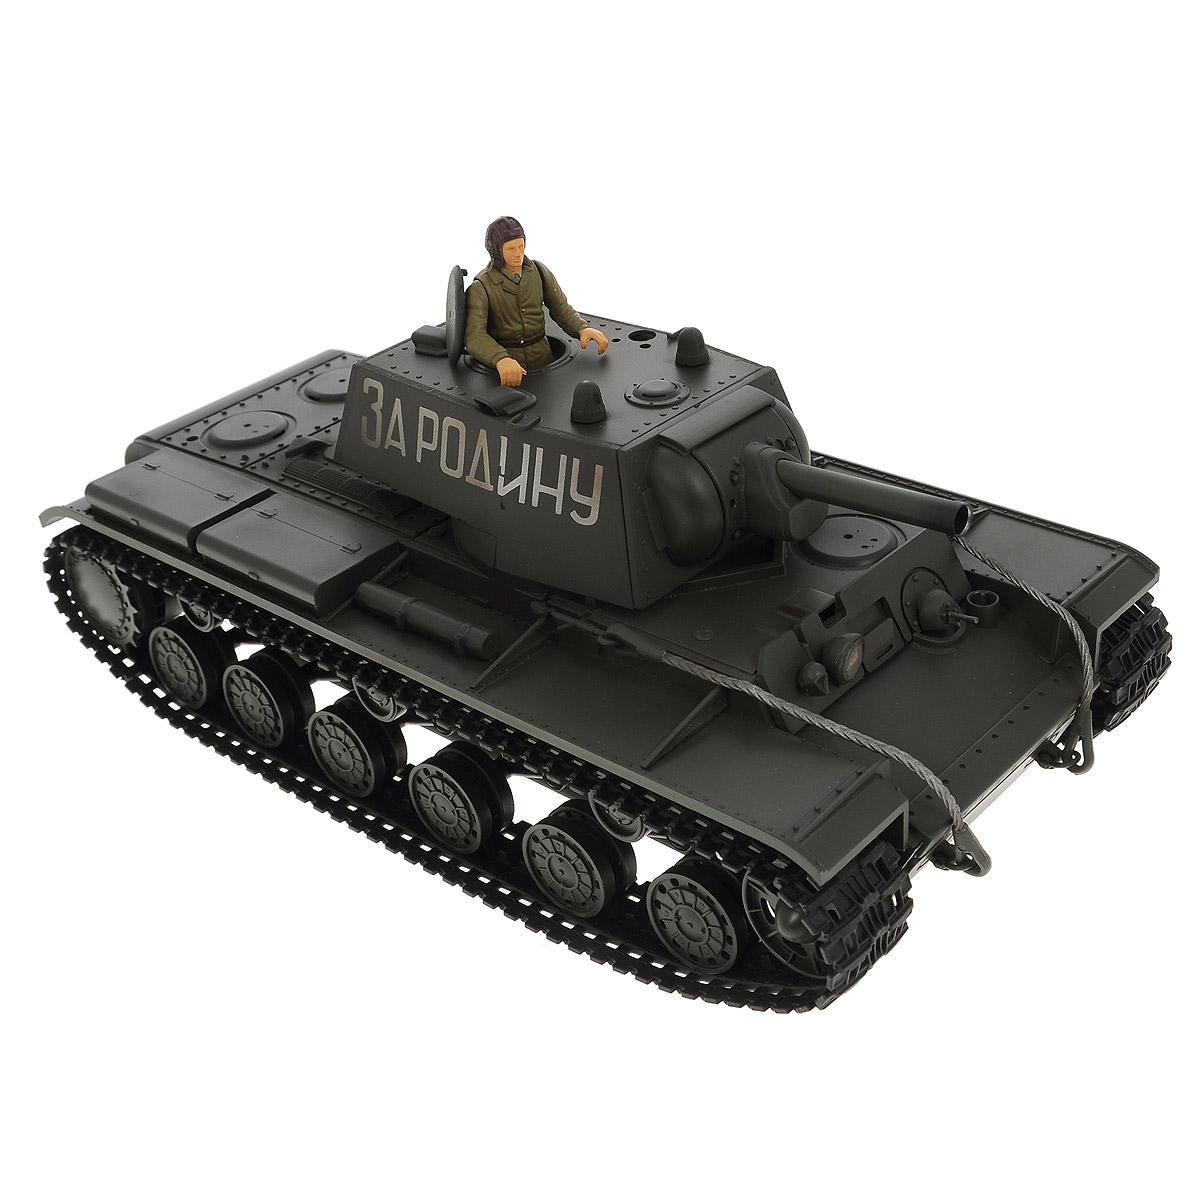 VSP Танк на радиоуправлении Soviet Red Army KV-1628433Радиоуправляемый танк VSP Soviet Red Army KV-1 - это реалистичная коллекционная модель в масштабе 1/24. Она представляет собой уменьшенную копию советского тяжелого танка времен Второй мировой войны, известного как КВ-1 (Клим Ворошилов). Эта модель танка производилась в 1939 - 1942-х годах, участвовала в Советско-Финской войне, и обладала мощной защитой для своего времени. Пульт управления работает на частоте 2,4 ГГц и оснащен светодиодной подсветкой голубого цвета. Система Airsoft обеспечивает постоянное движение танка и стрельбу из пневматической пушки. Данная модель может стрелять мягкими (пневматическими) BB шариками, поэтому имеет возрастное ограничение от 14 лет. Благодаря работе на частоте 2,4 ГГц танк будет легко сопрягаться с пультом управления. Новые электронные схемы, примененные в этом пульте, позволяют принимать участие в игровых сражениях одновременно 16 танкам. Радиус управления заметно увеличился и составляет 40-50 метров на...